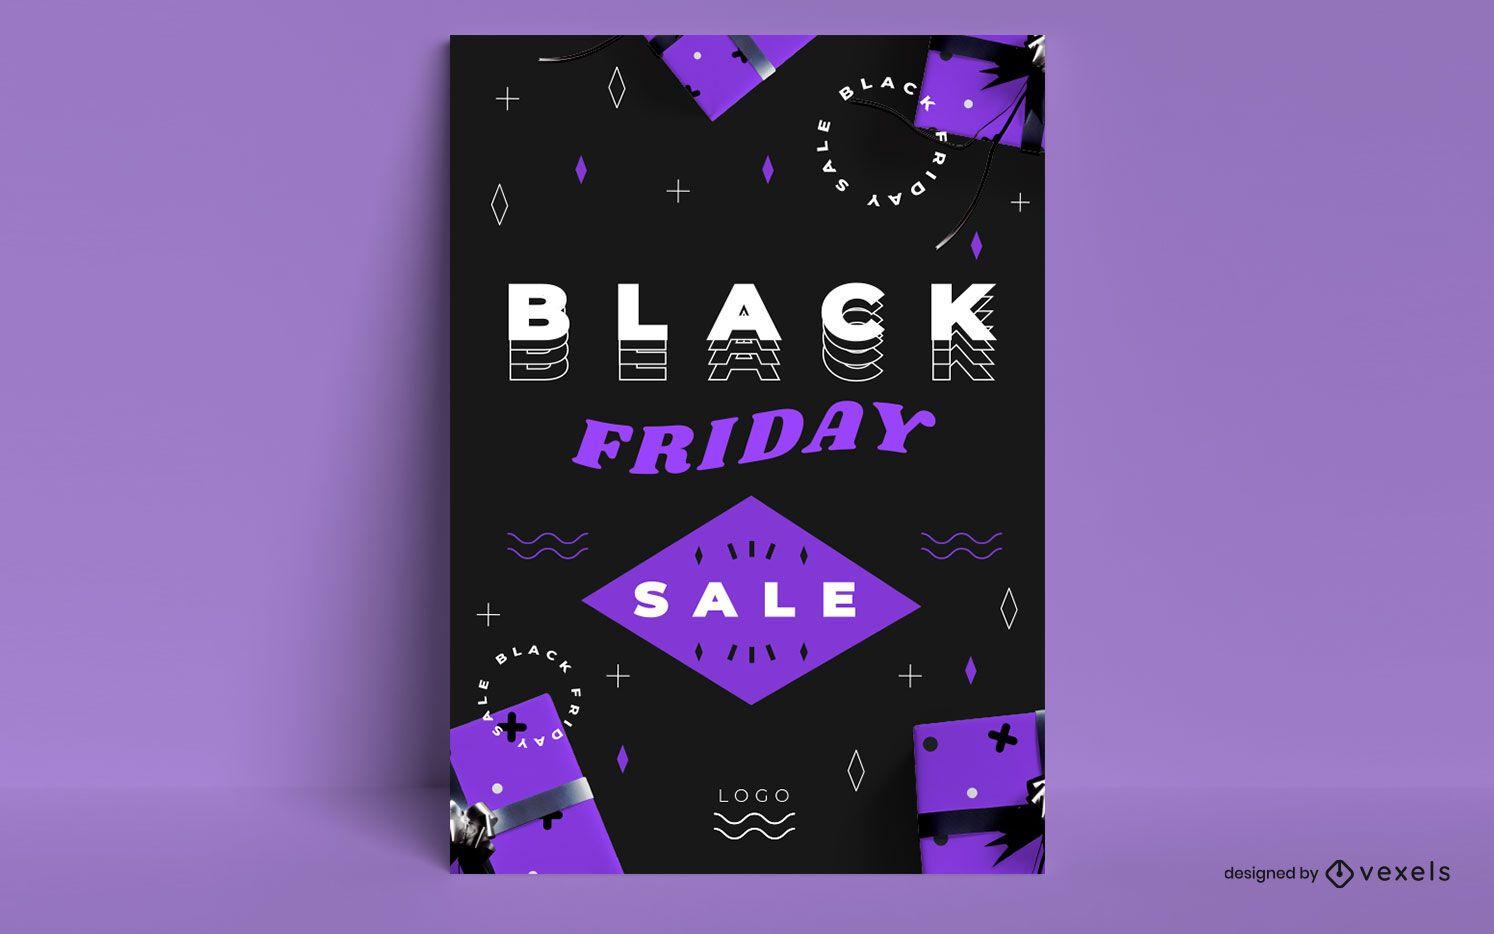 Black friday sale black poster design